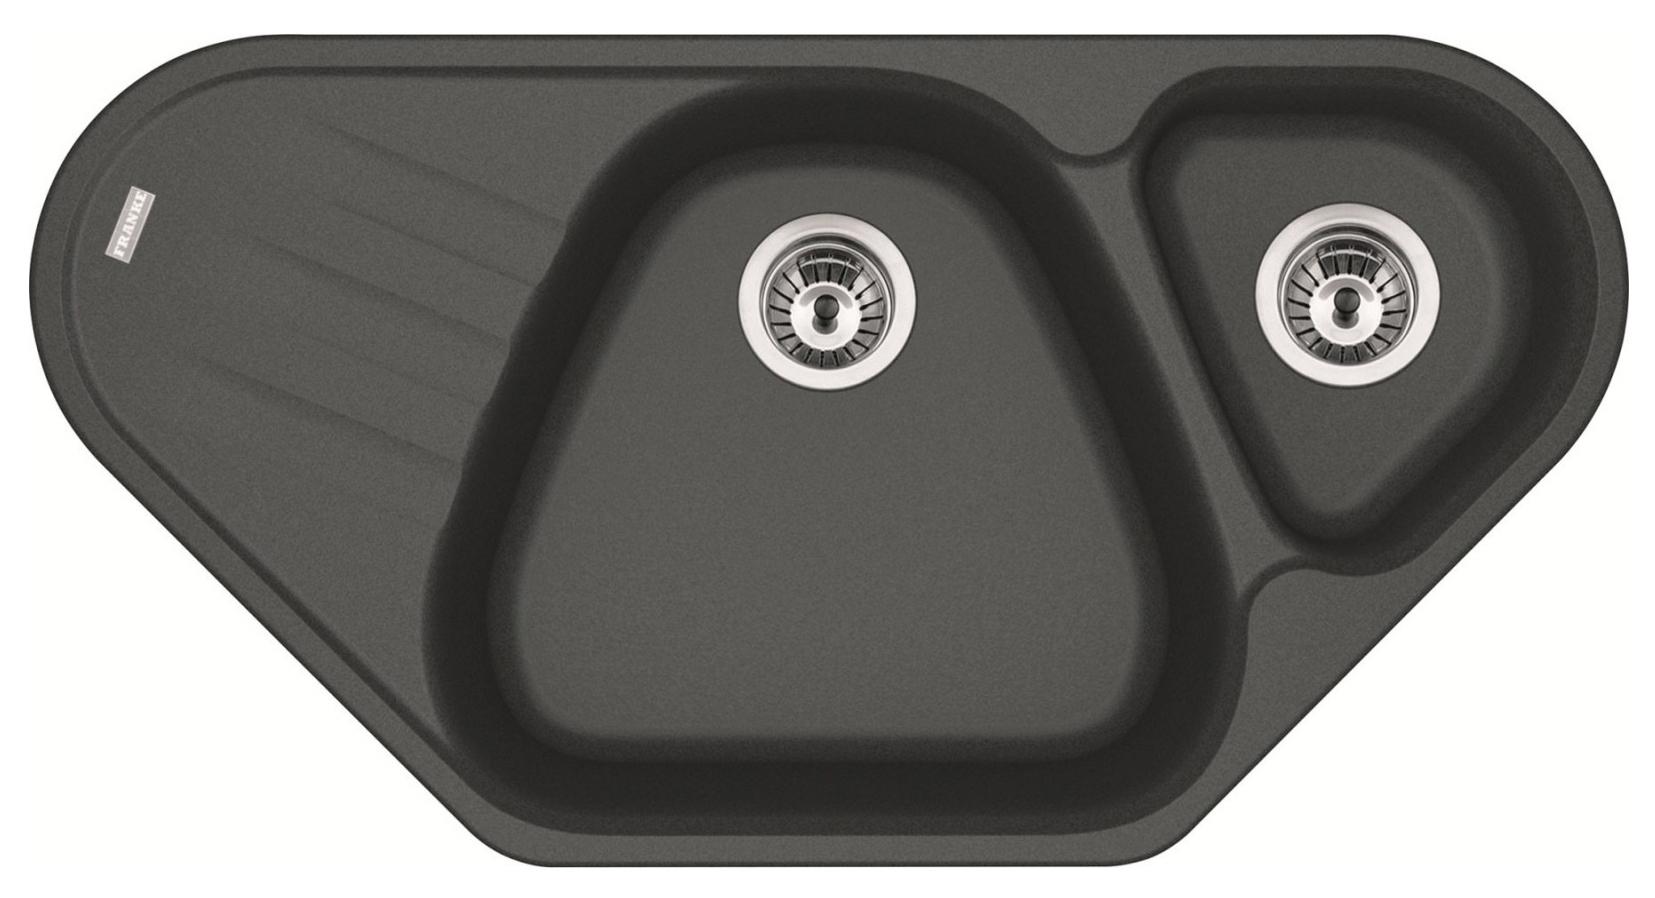 Мойка для кухни гранитная Franke AZG 661-E 1140489399 графит